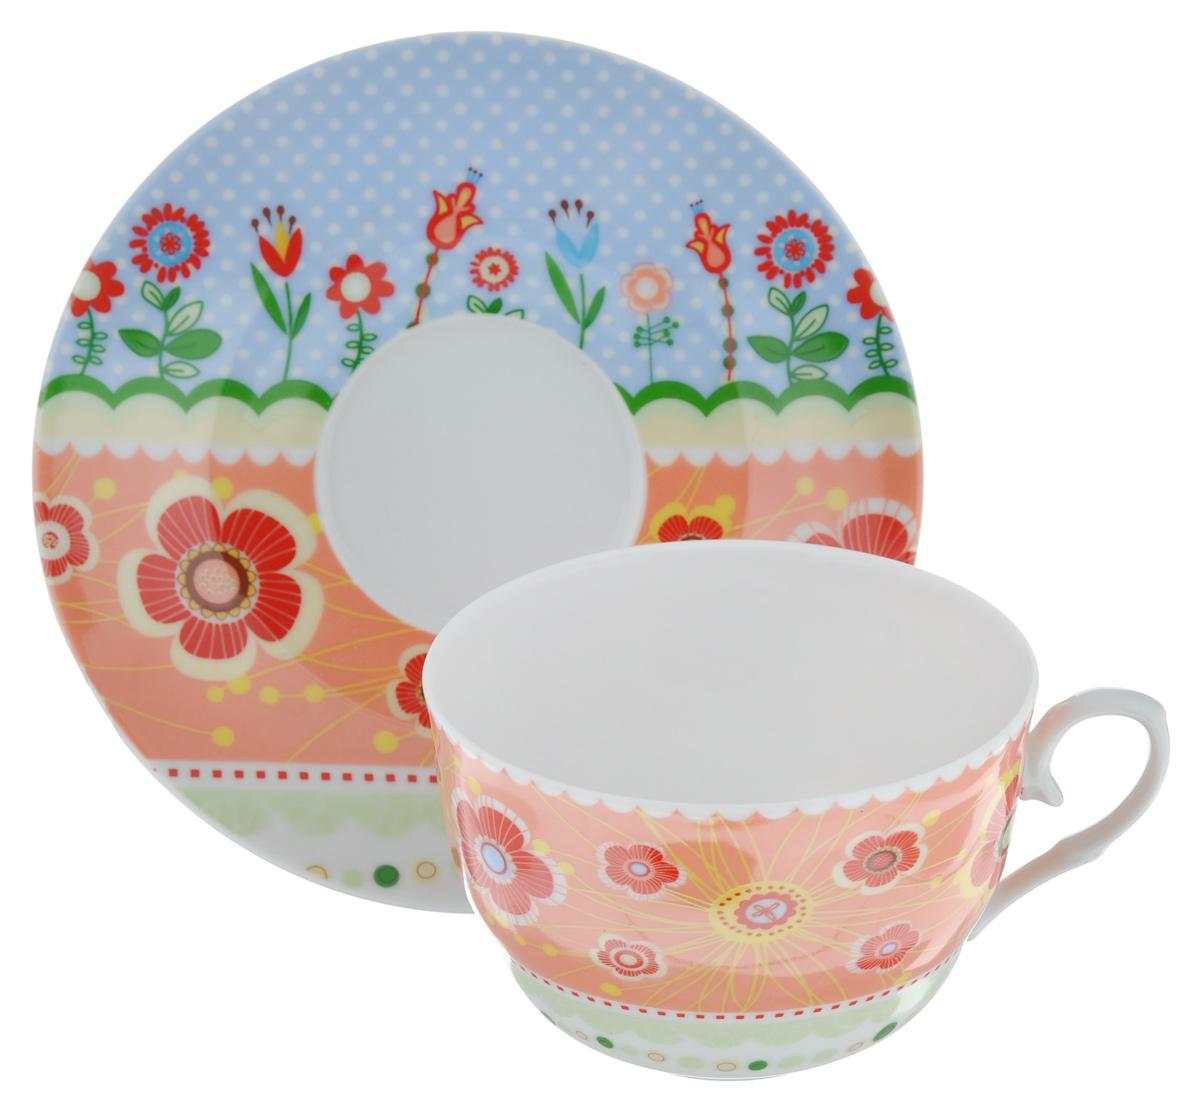 Чайная пара LarangE Фьюжн, цвет: оранжевый, голубой, 2 предмета586-333Чайная пара LarangE Фьюжн состоит из чашки и блюдца,изготовленных из фарфора. Предметы набора оформленыизящным ярким рисунком.Чайная пара LarangE Фьюжн украсит ваш кухонный стол, а такжестанет замечательным подарком друзьям и близким.Объем чашки: 250 мл.Диаметр чашки по верхнему краю: 9 см.Высота чашки: 6 см.Диаметр блюдца: 14,5 см.